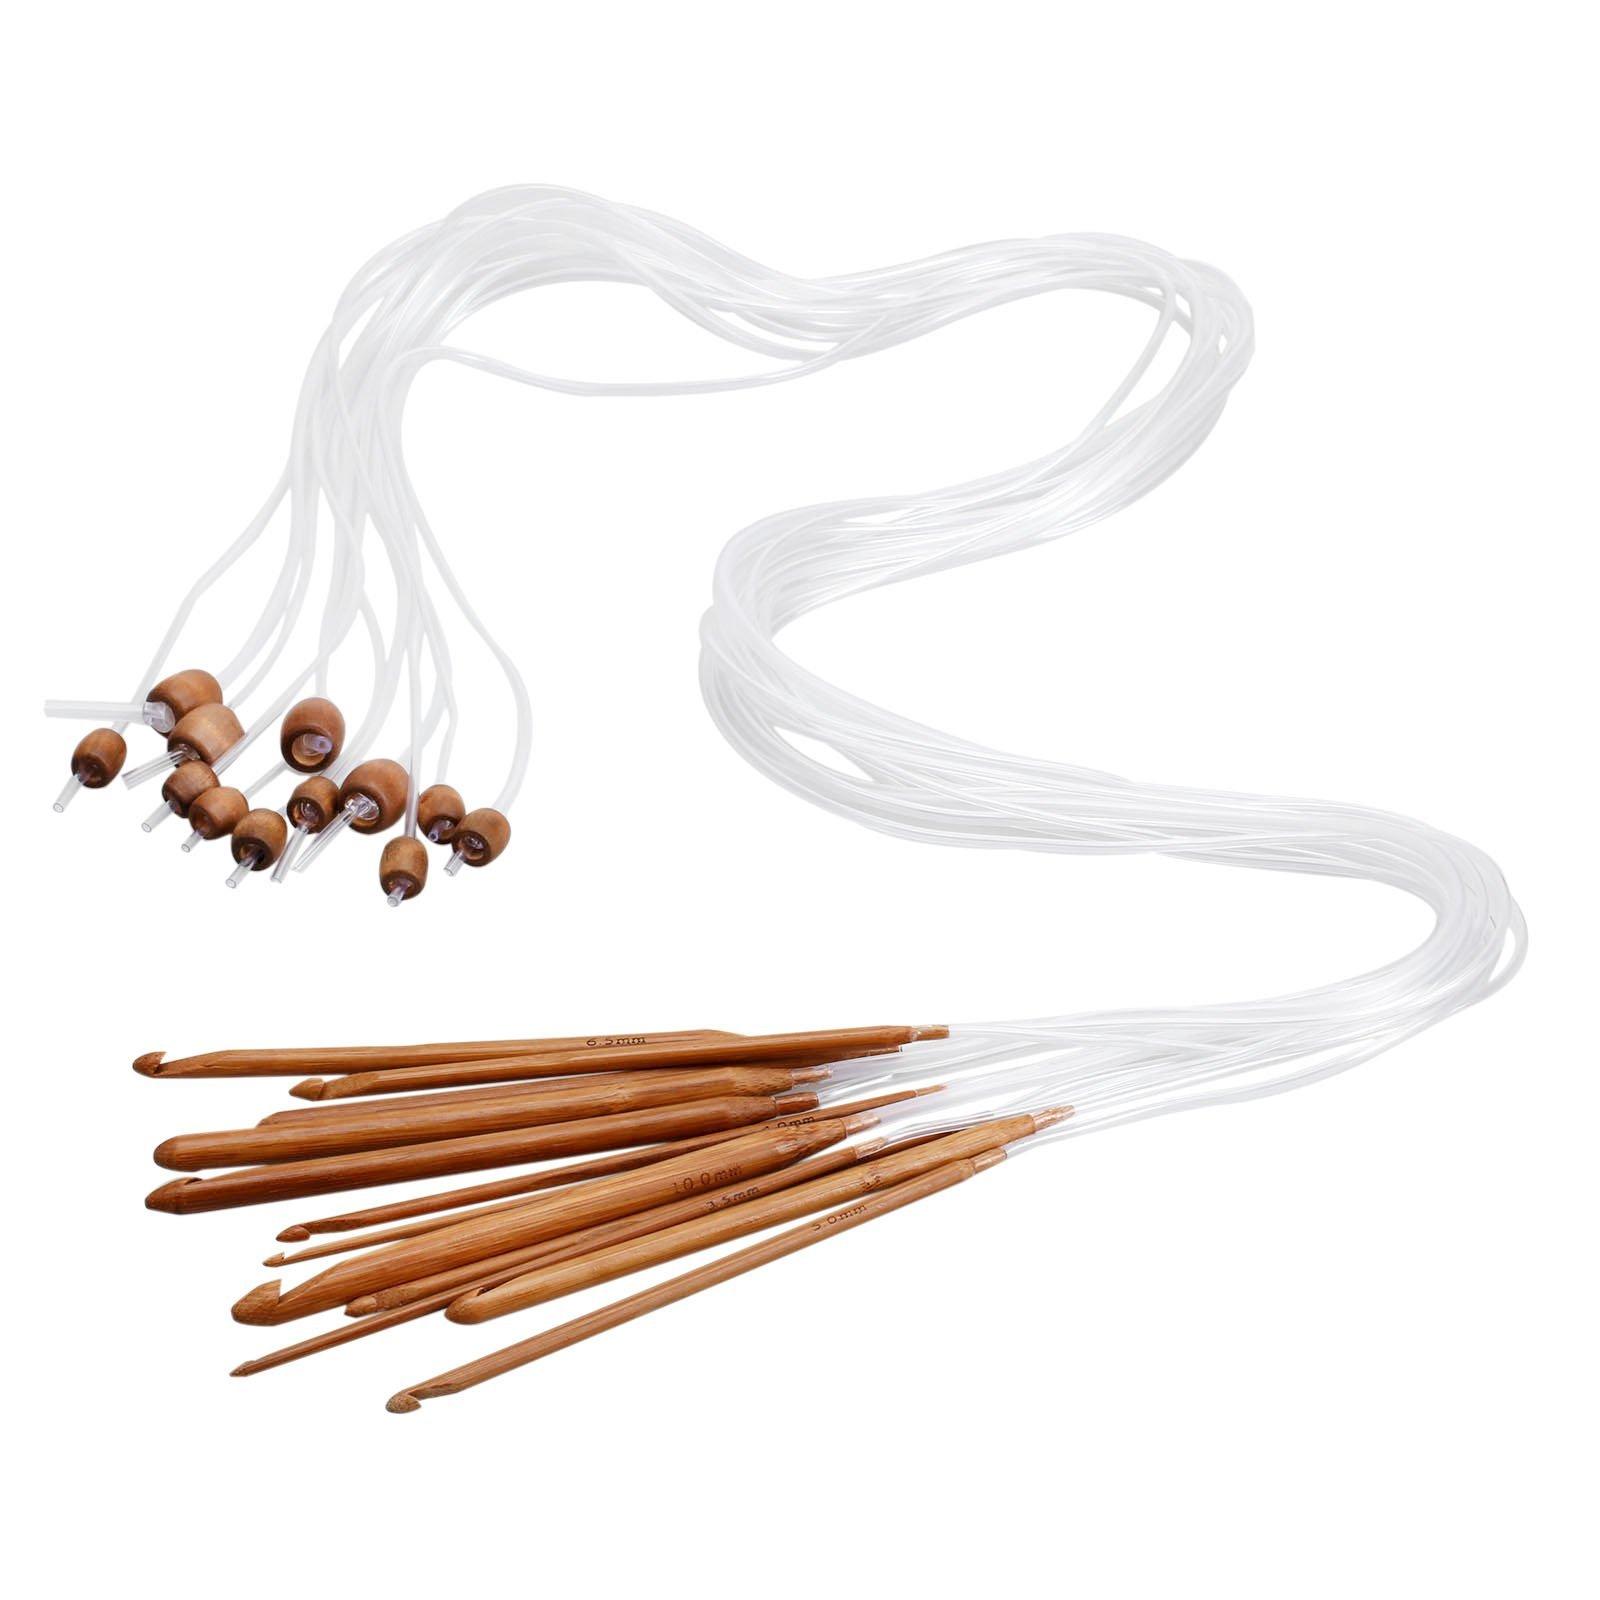 Dophee 12 Sizes 1.2M 48'' Afghan Tunisian Carbonized Bamboo Needle Crochet Hooks Set